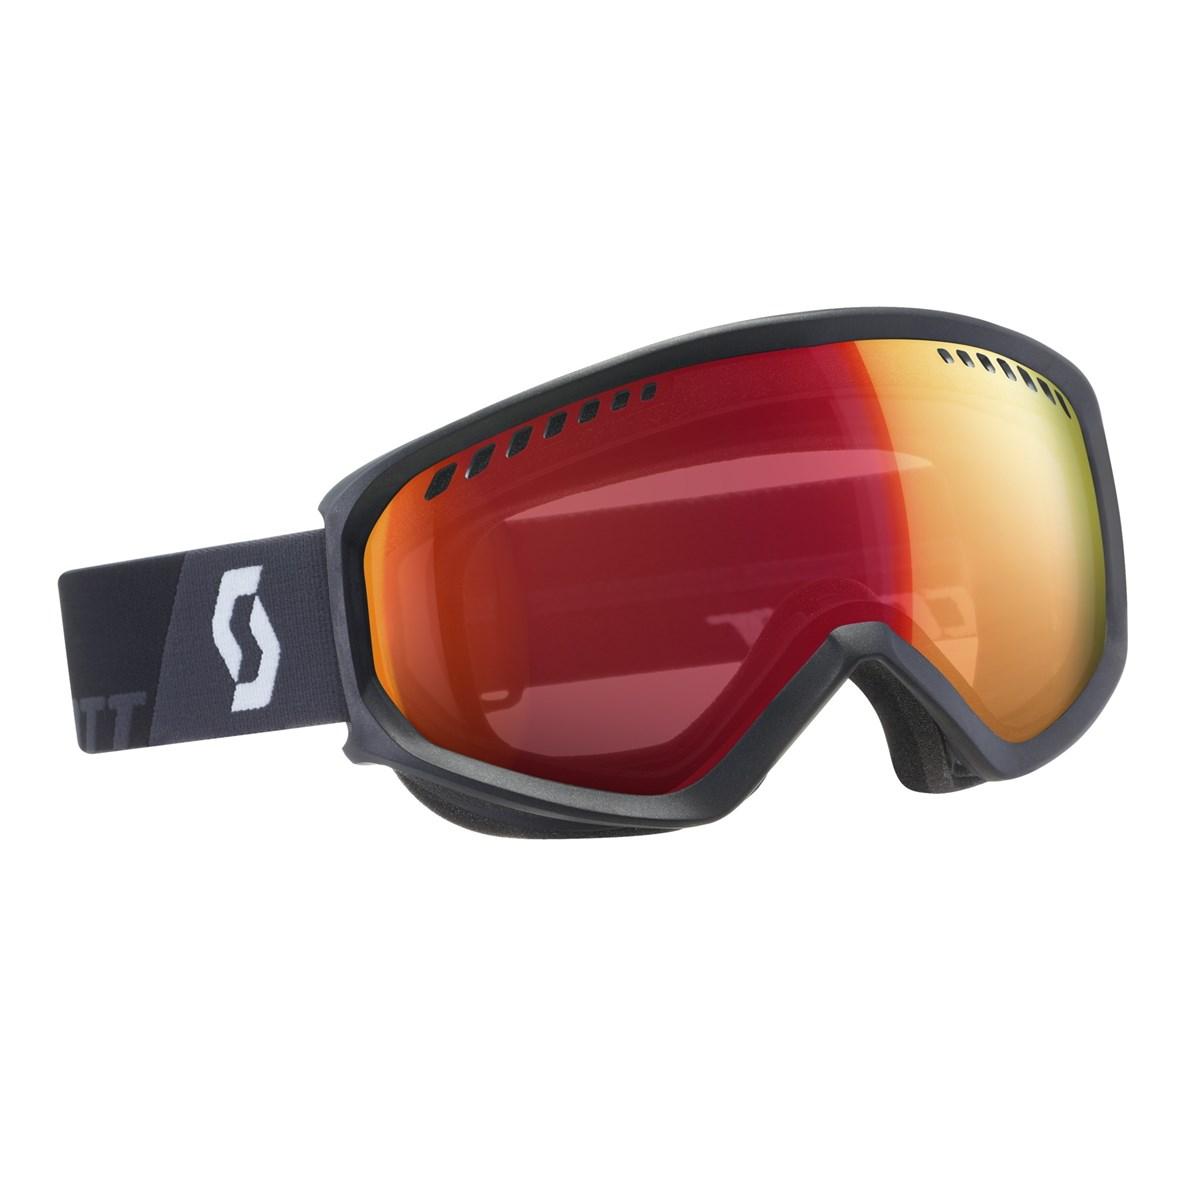 75e2f5c1ff4e Scott Faze Illuminator Ski Goggles In Black Illuminator Red £45.00